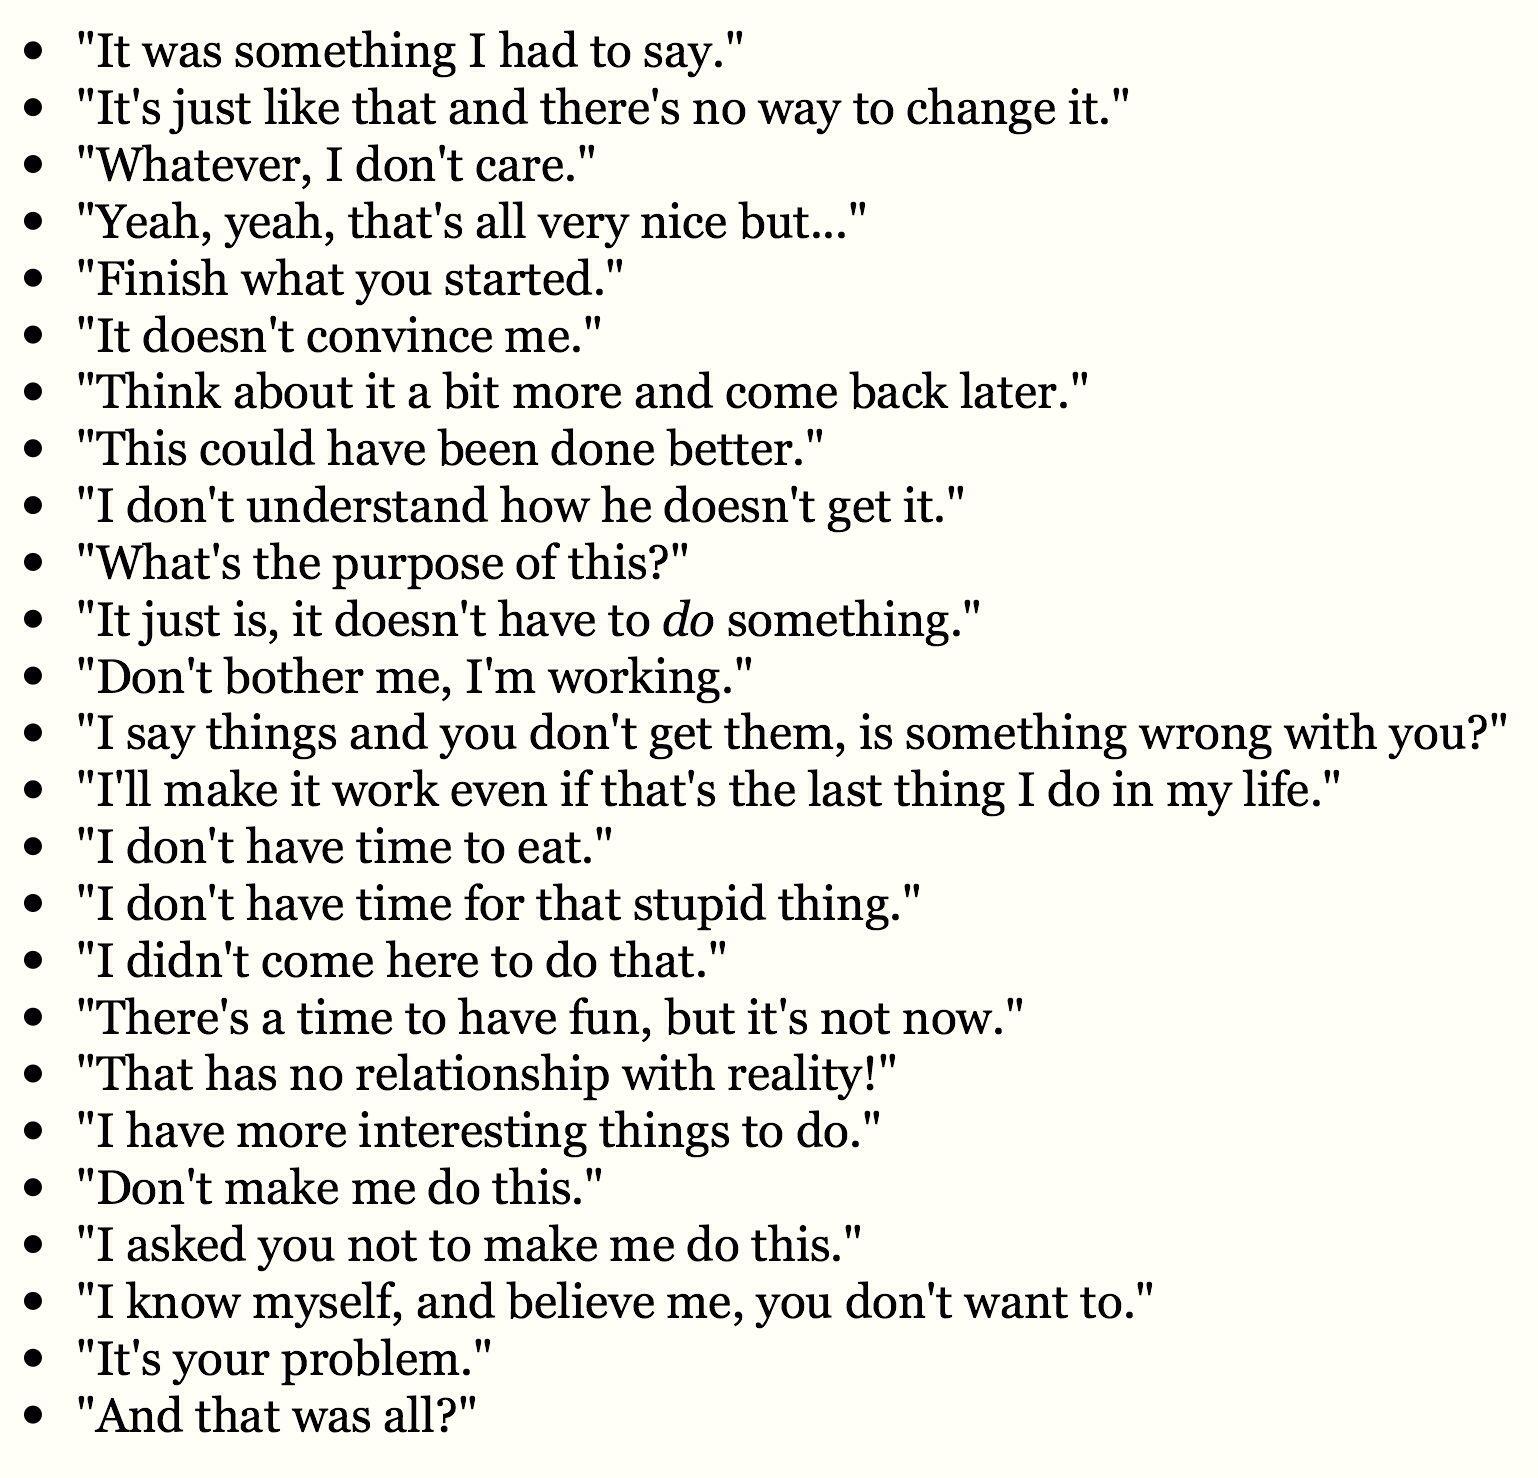 INTJ - typical phrases you would hear an INTJ say    | INTJ